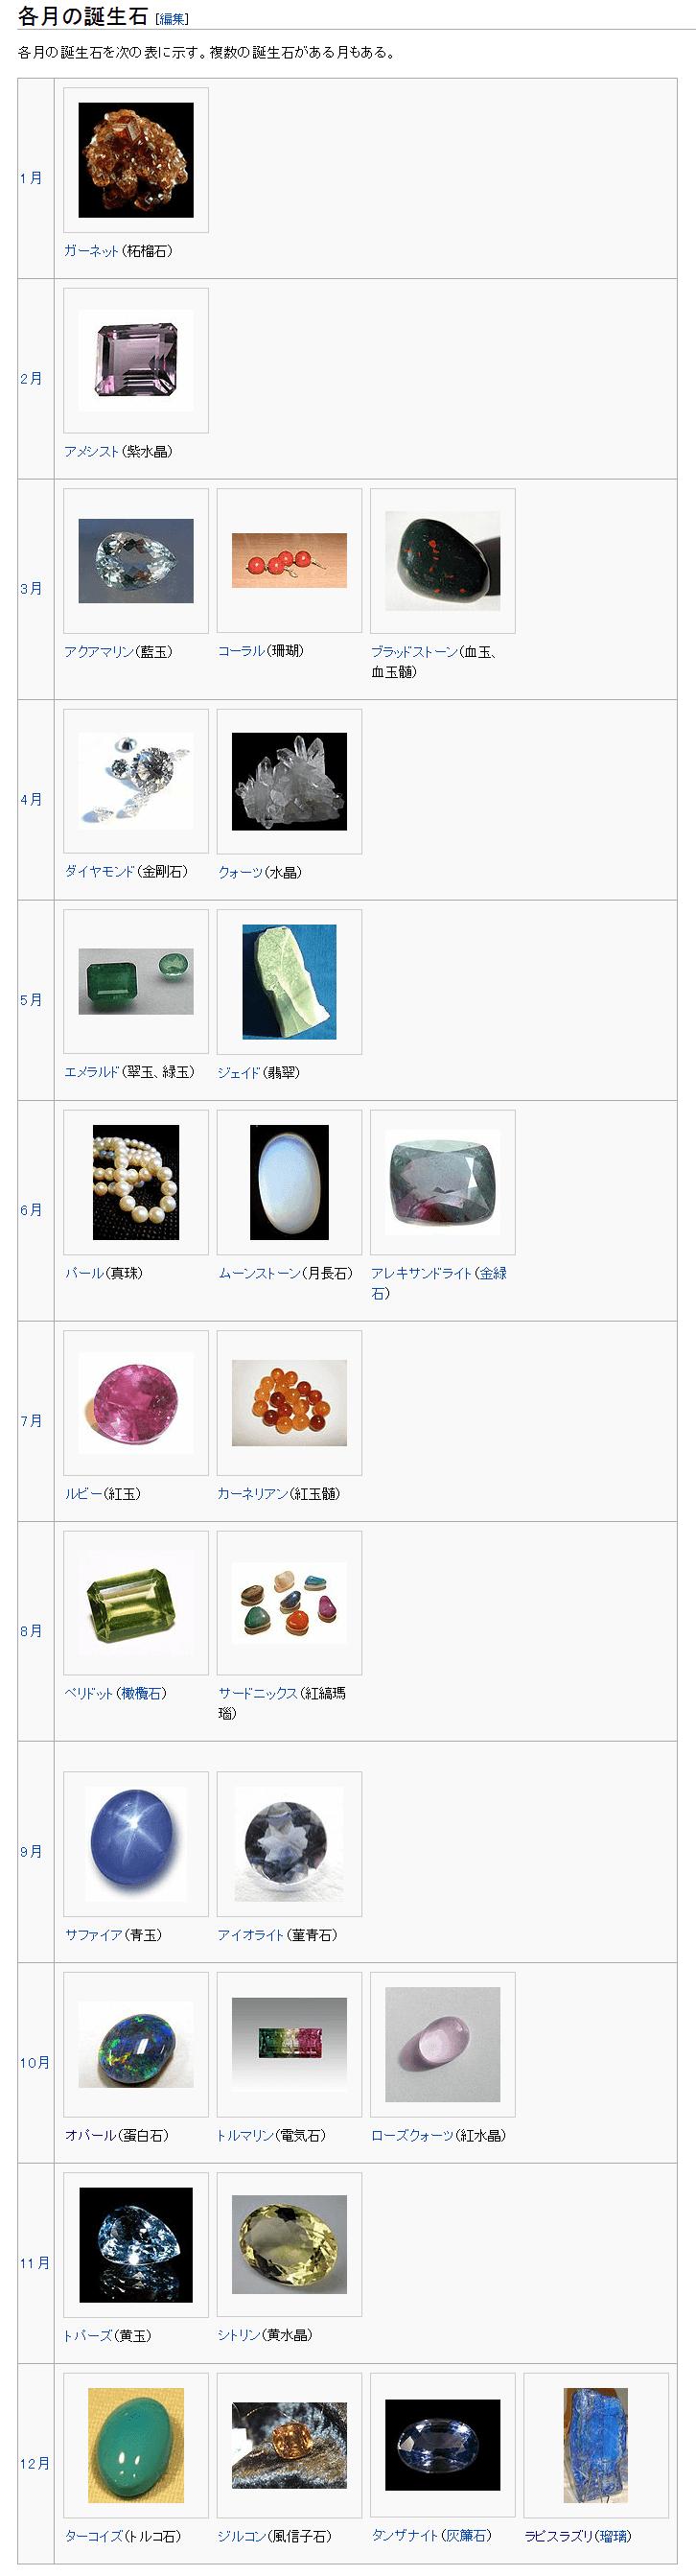 誕生石 図解・グラフ・一覧・比較の画像とか